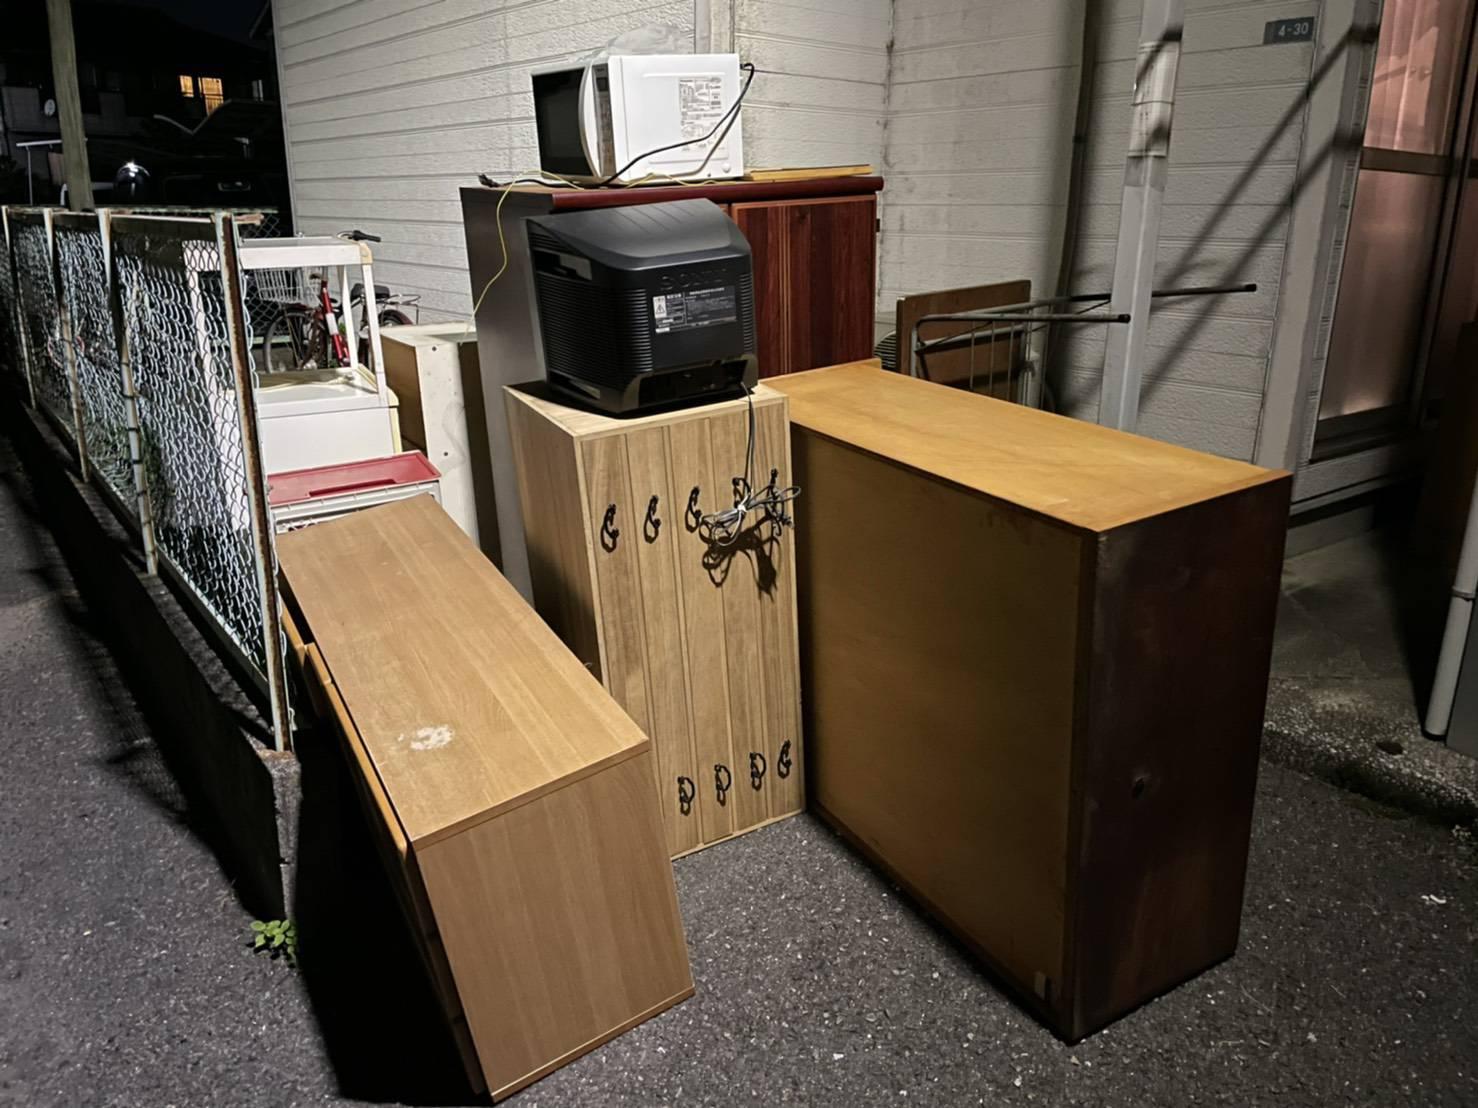 タンス、テレビ、電子レンジの回収前